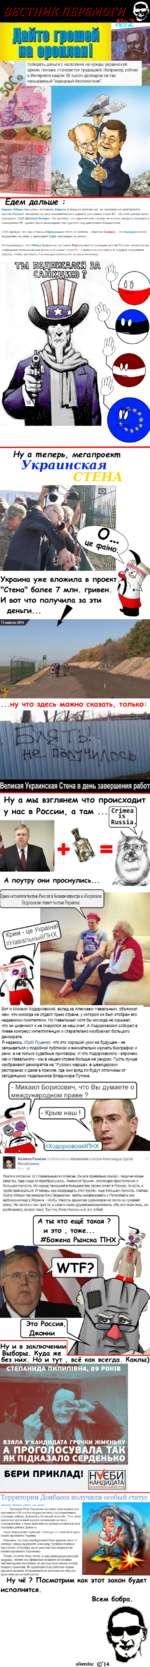 """MNIVdM Собирать деньги с населения на нужды украинской армии, похоже, становится традицией. Например, сейчас в Интернете нашли 36 тысяч долларов на так называемый """"народный беспилотник"""". Бараку Обаме пришлось поставить Европу в трудное положение он заставил ее действовать против России, несмотря"""